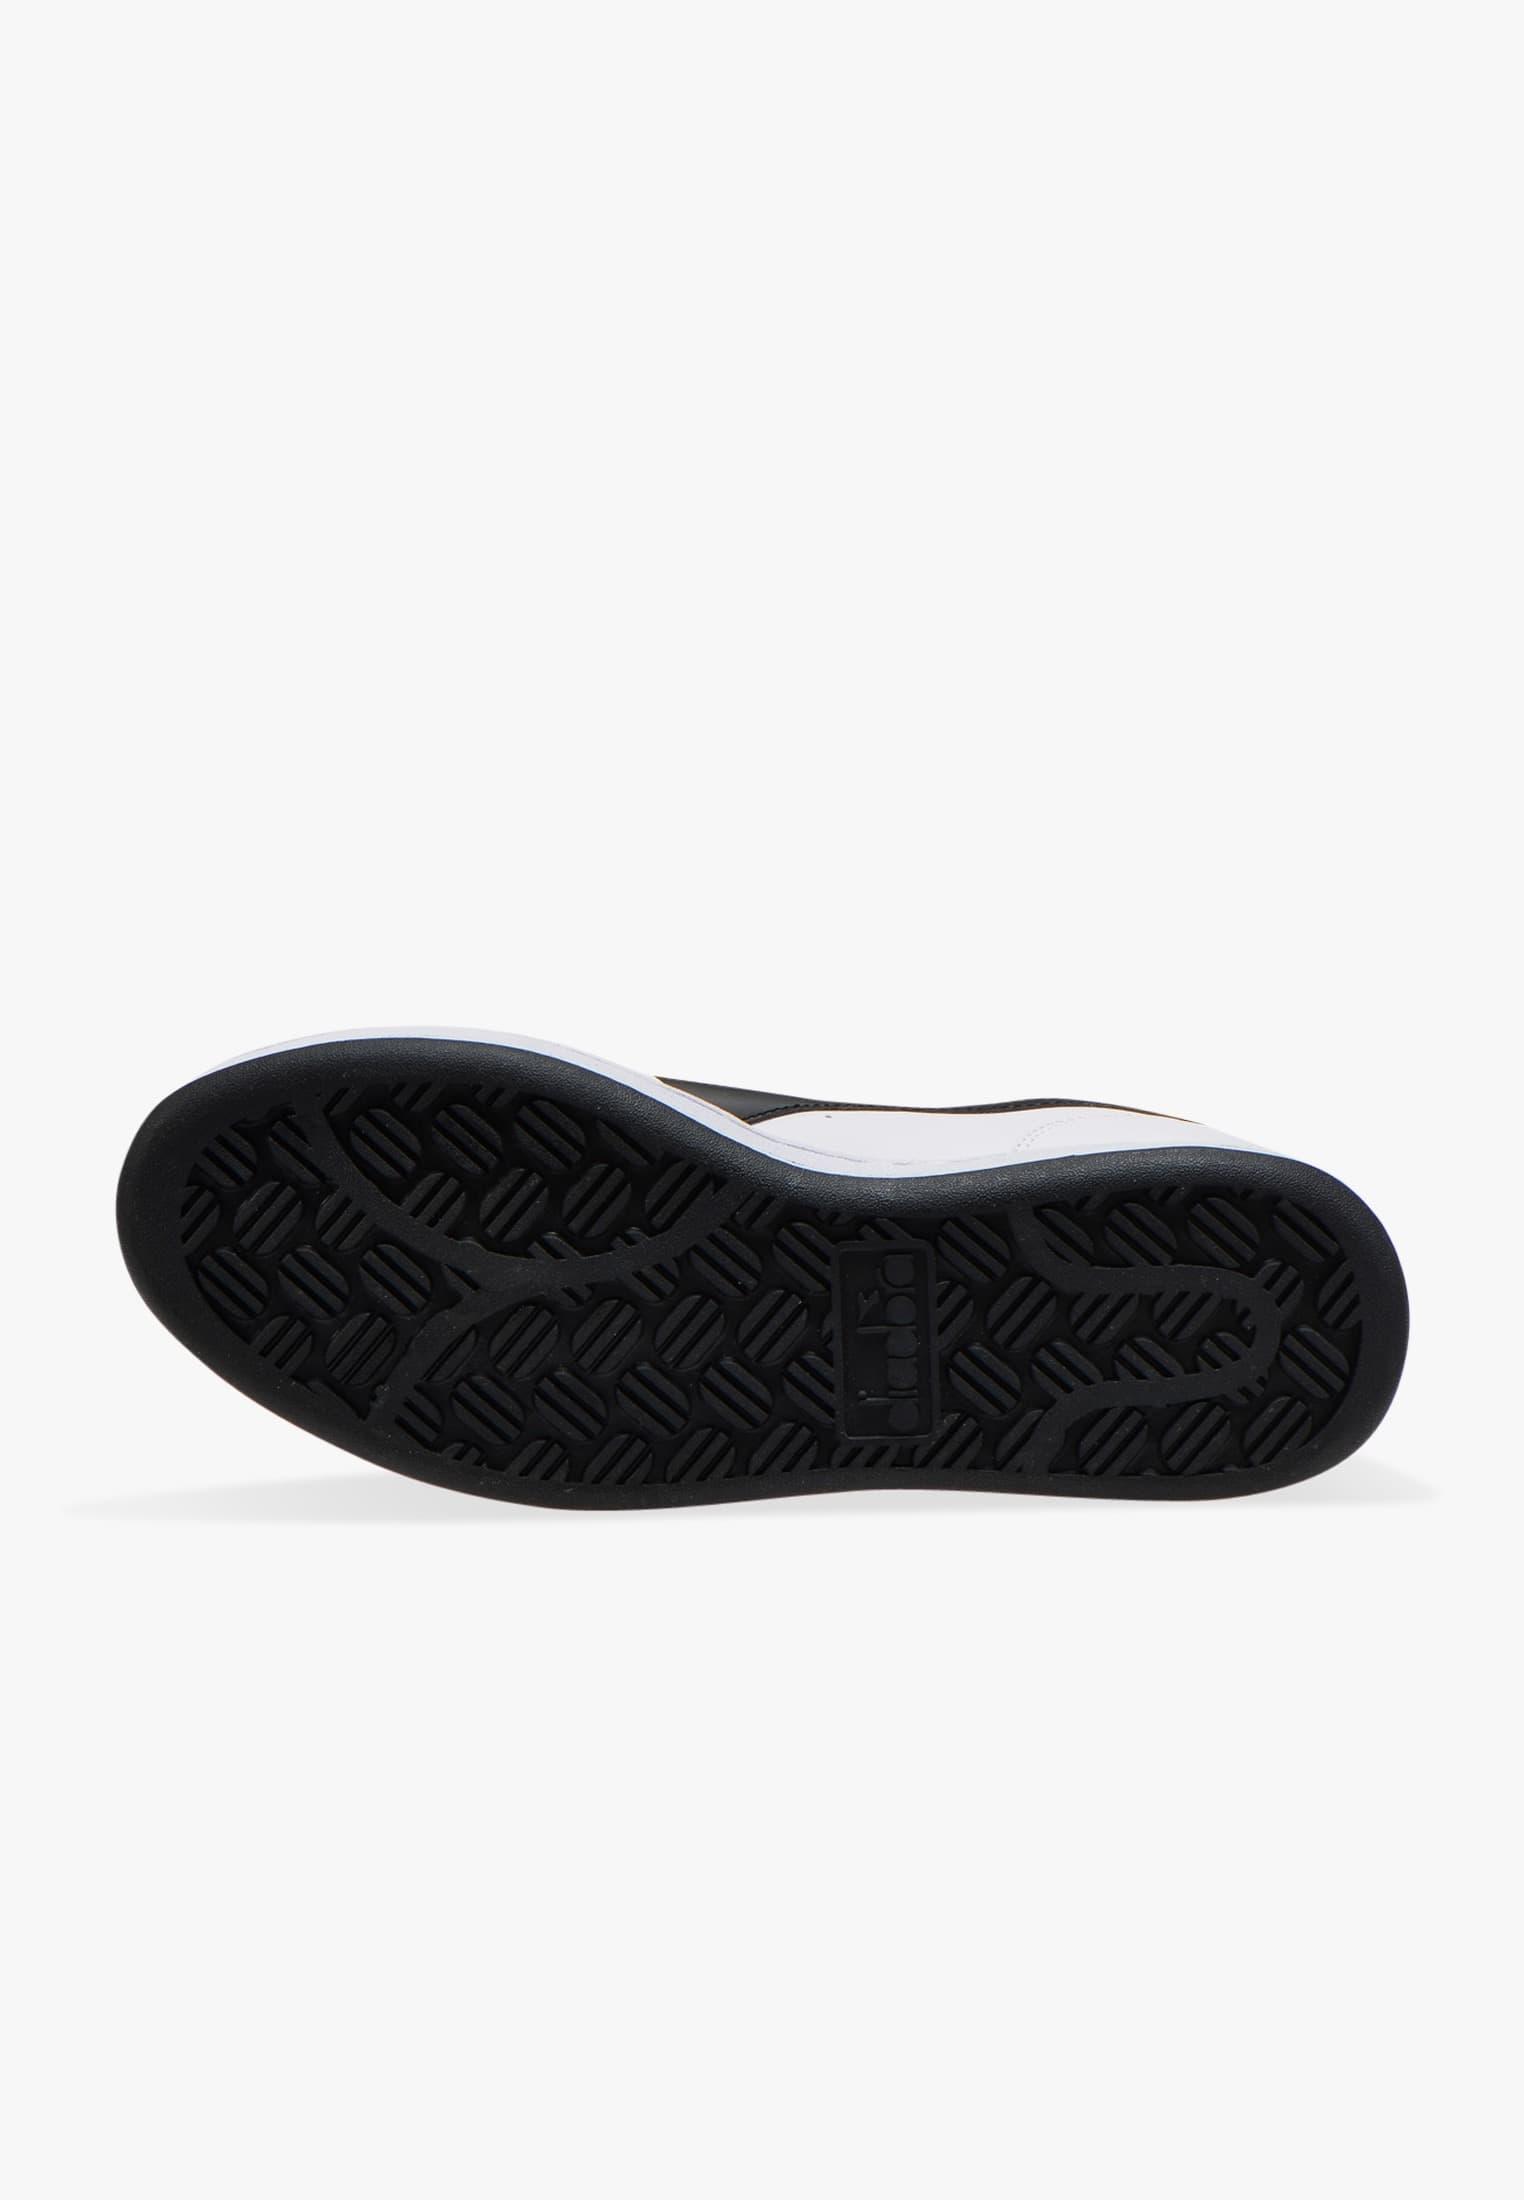 Scarpe-Diadora-Playground-Sneakers-sportive-uomo-donna-vari-colori-piu-taglie miniatura 41